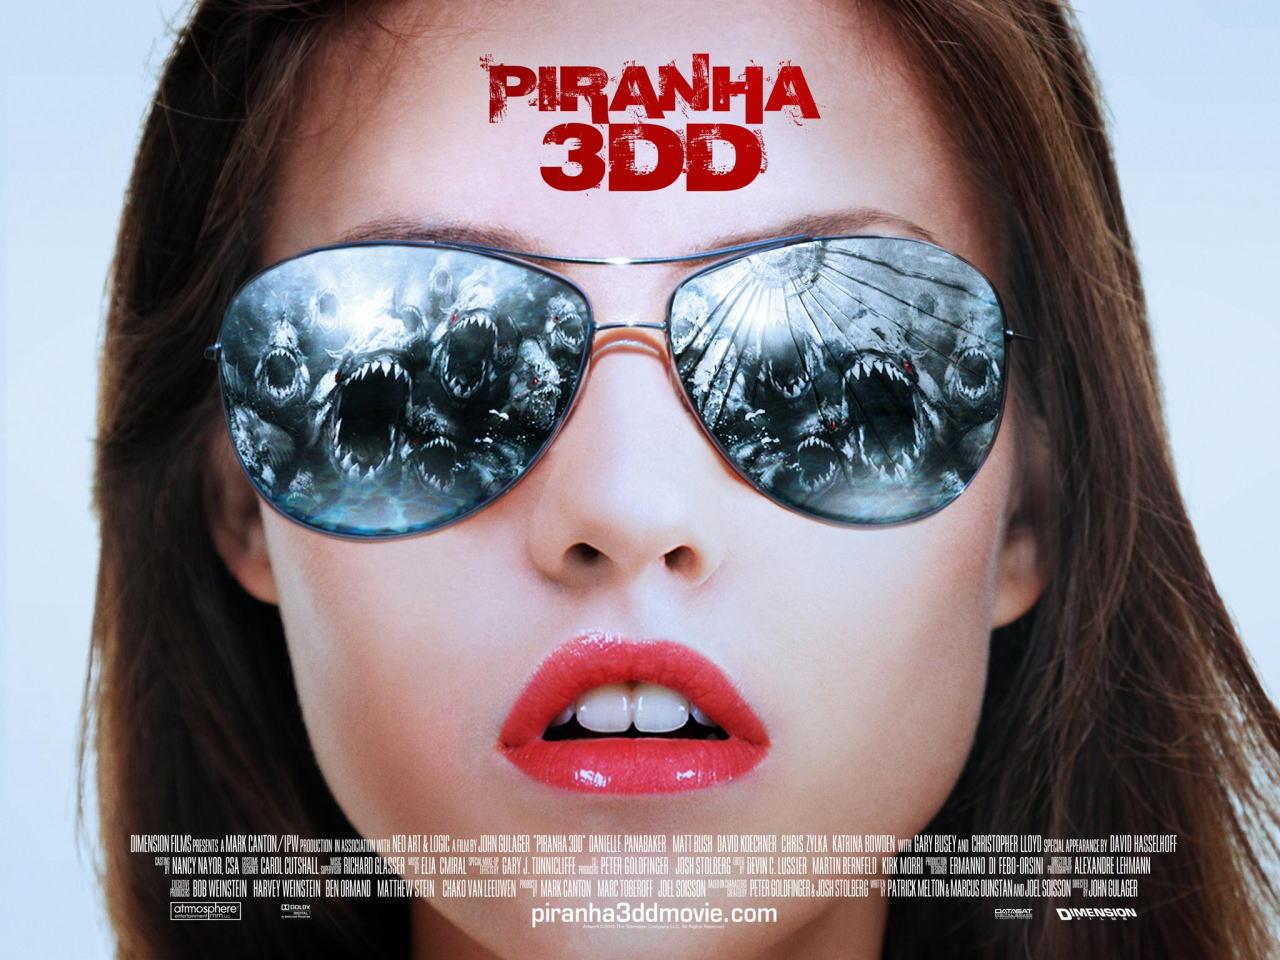 映画『ピラニア リターンズ PIRANHA 3DD』ポスター(4) ▼ポスター画像クリックで拡大します。